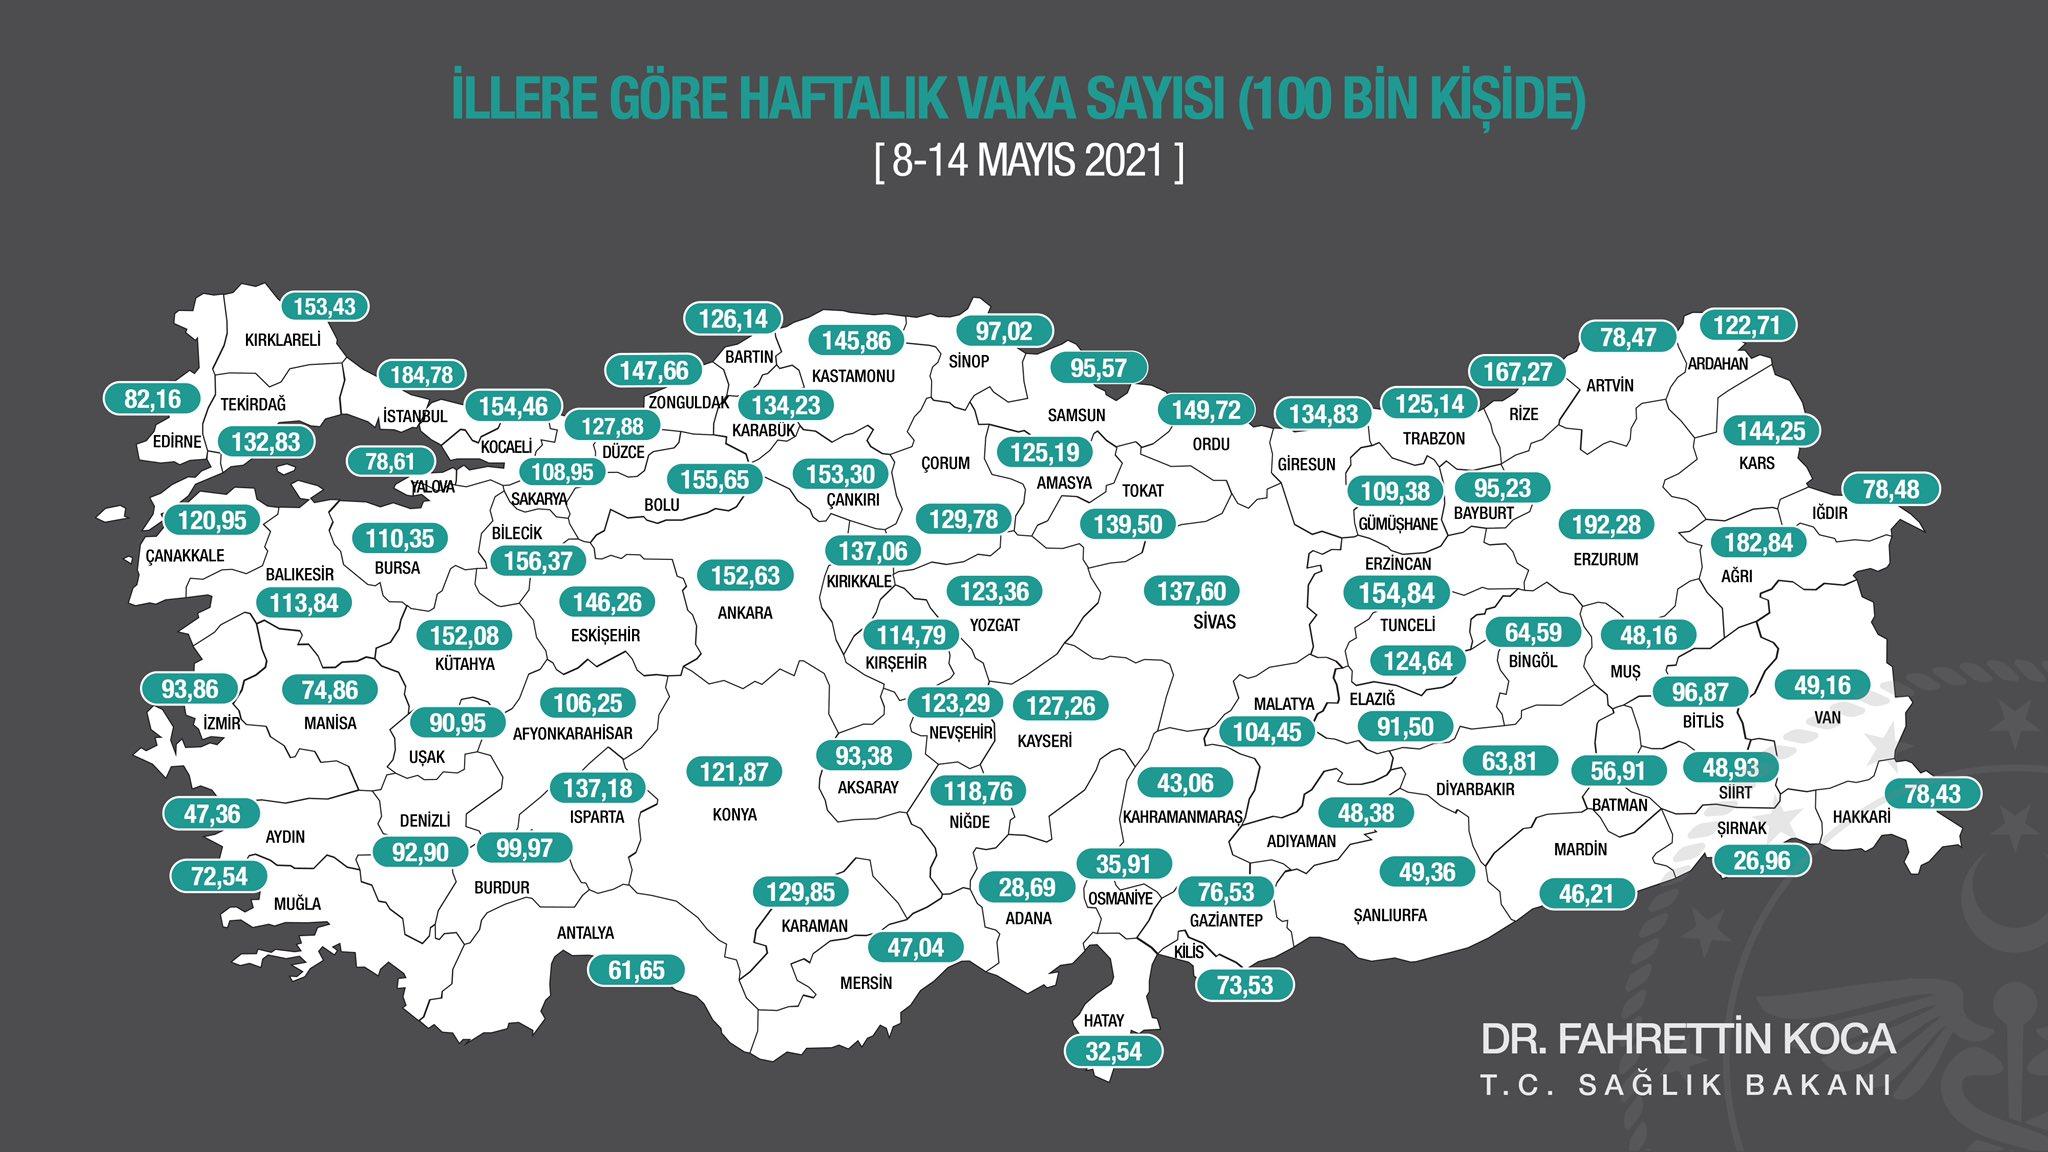 HAFTALIK KORONA TABLOSUNDA RİZE TÜRKİYE 4.SÜ